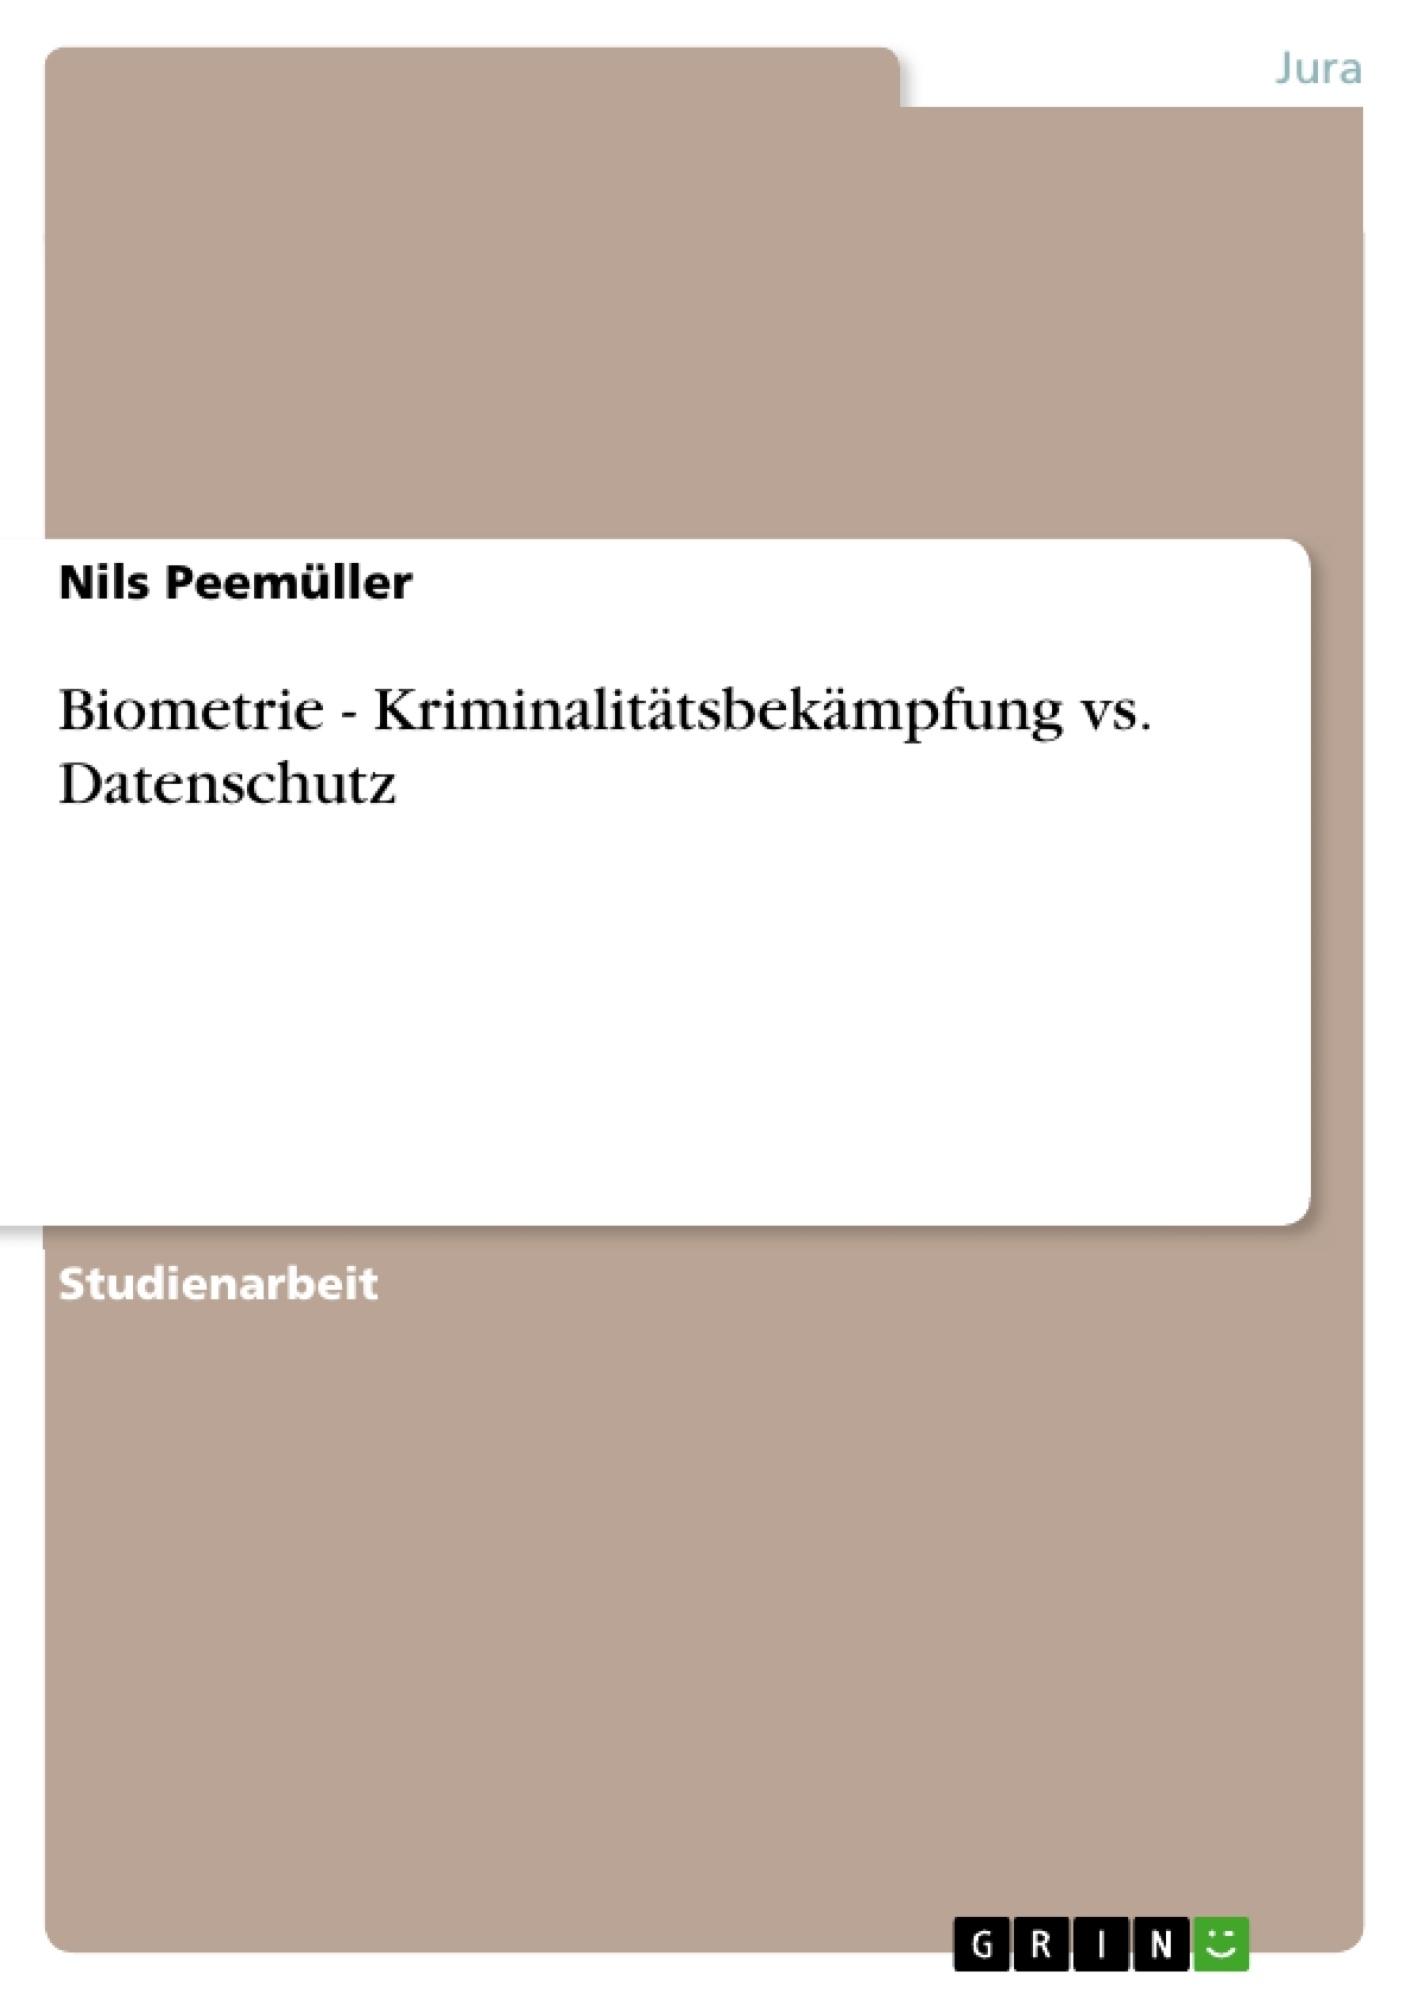 Titel: Biometrie - Kriminalitätsbekämpfung vs. Datenschutz